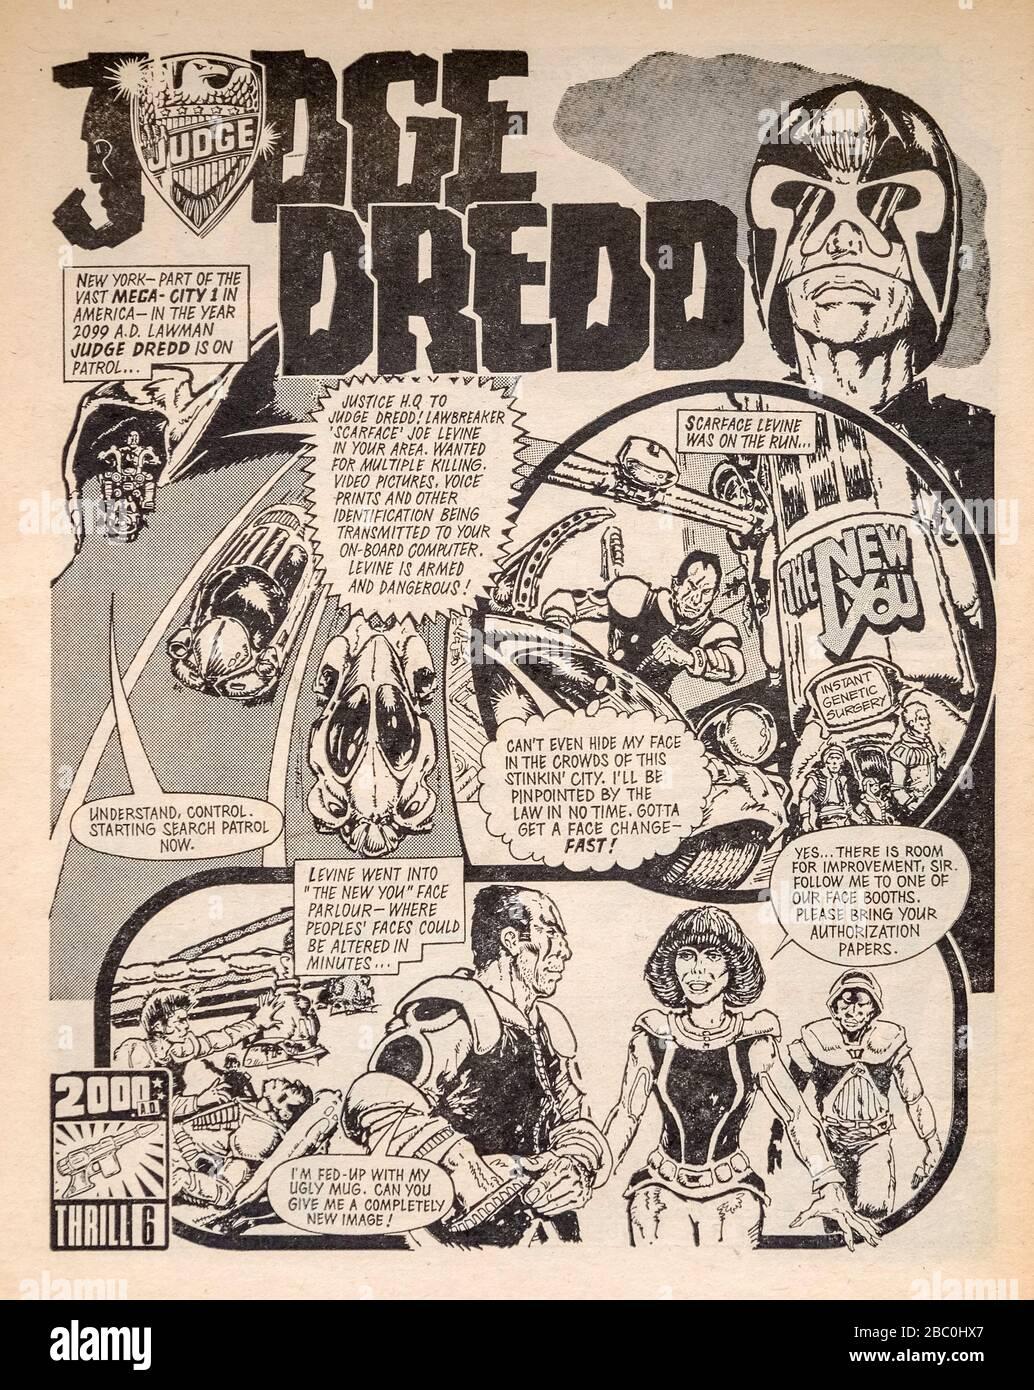 Frühe Kopie (Nr. 3) von '2000 A.D.', dem beliebten britischen wöchentlichen Science-Fiction-Comic aus den 1970er Jahren mit Richter Dredd und Dan Dare (12. März 1977) Stockfoto